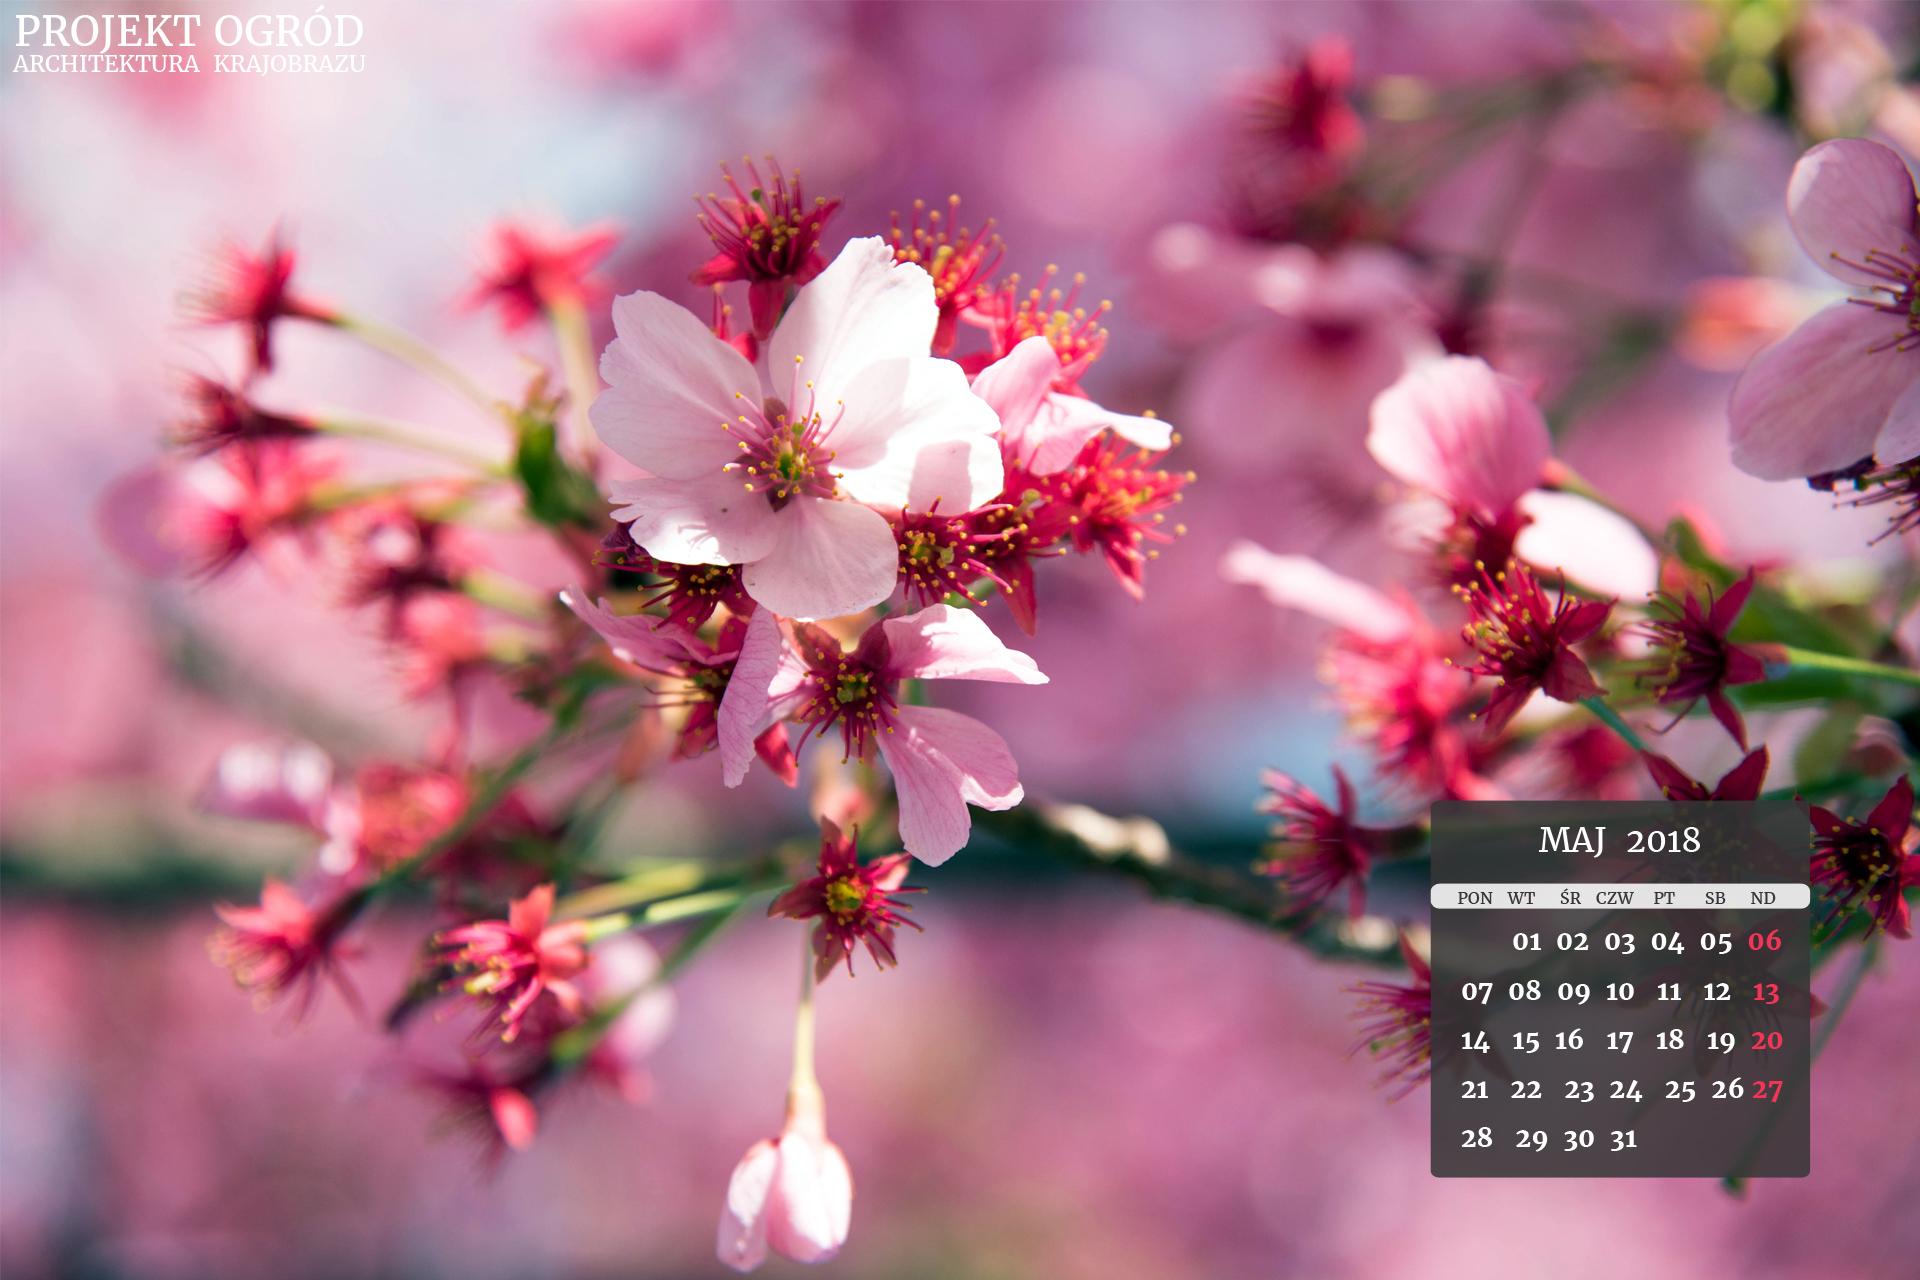 kalendarz-b-maj-2018-1920x1280